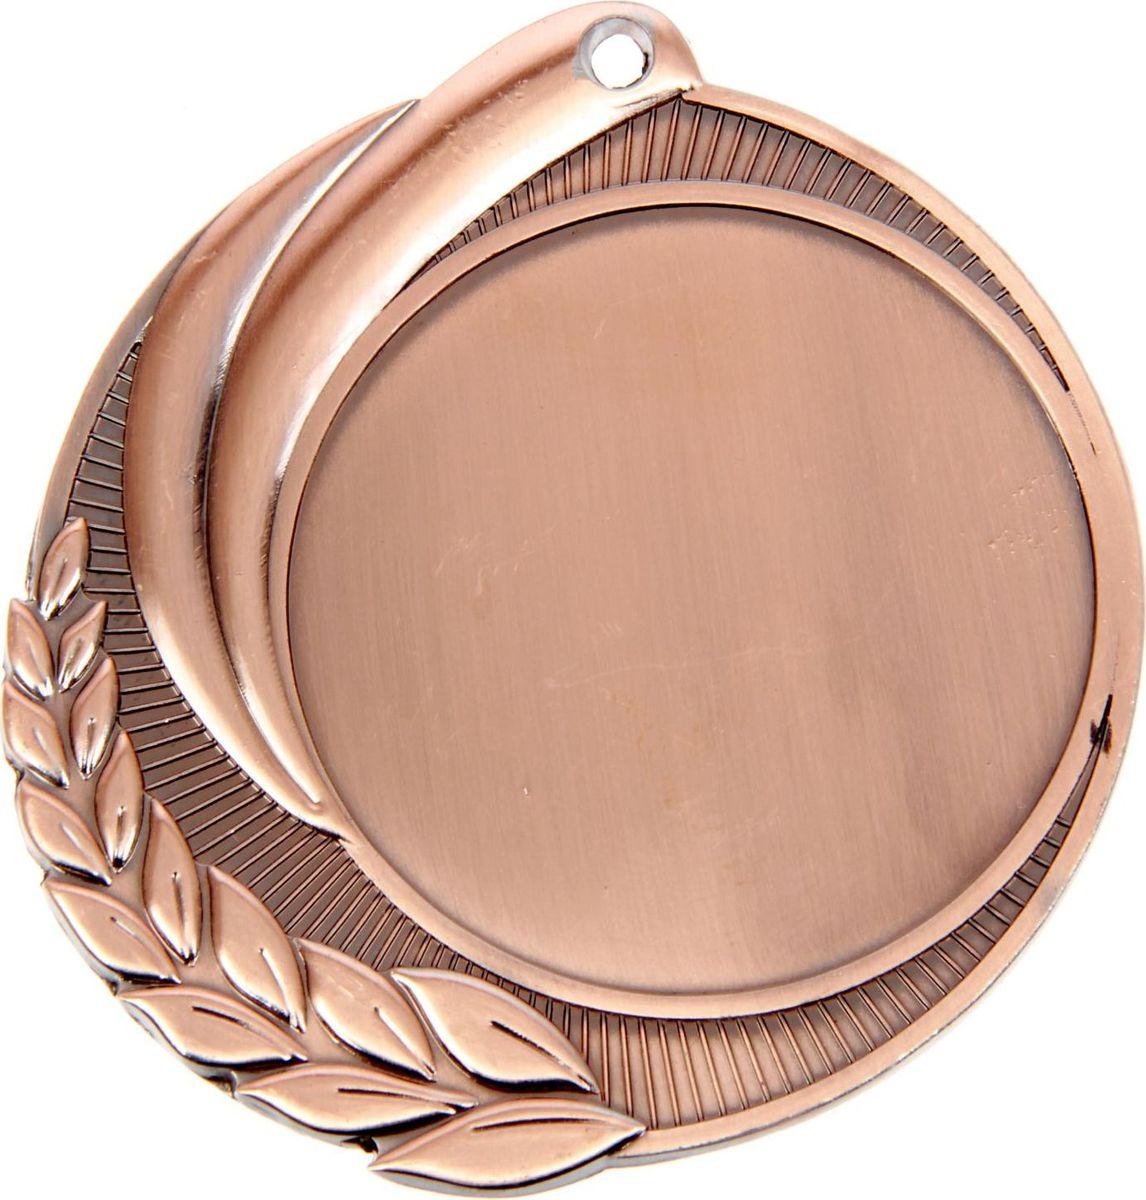 Медаль сувенирная с местом для гравировки, цвет: бронзовый, диаметр 7 см. 0481387714Пусть любая победа будет отмечена соответствующей наградой! Медаль — знак отличия, которым награждают самых достойных. Она вручается лишь тем, кто проявил настойчивость и волю к победе. Каждое достижение — это важное событие, которое должно остаться в памяти на долгие годы. изготовлена из металла, в комплект входит лента цвета триколор, являющегося одним из государственных символов России. Характеристики: Диаметр медали: 7 см Диаметр вкладыша (лицо): 5 см Диаметр вкладыша (оборот): 5,4 см